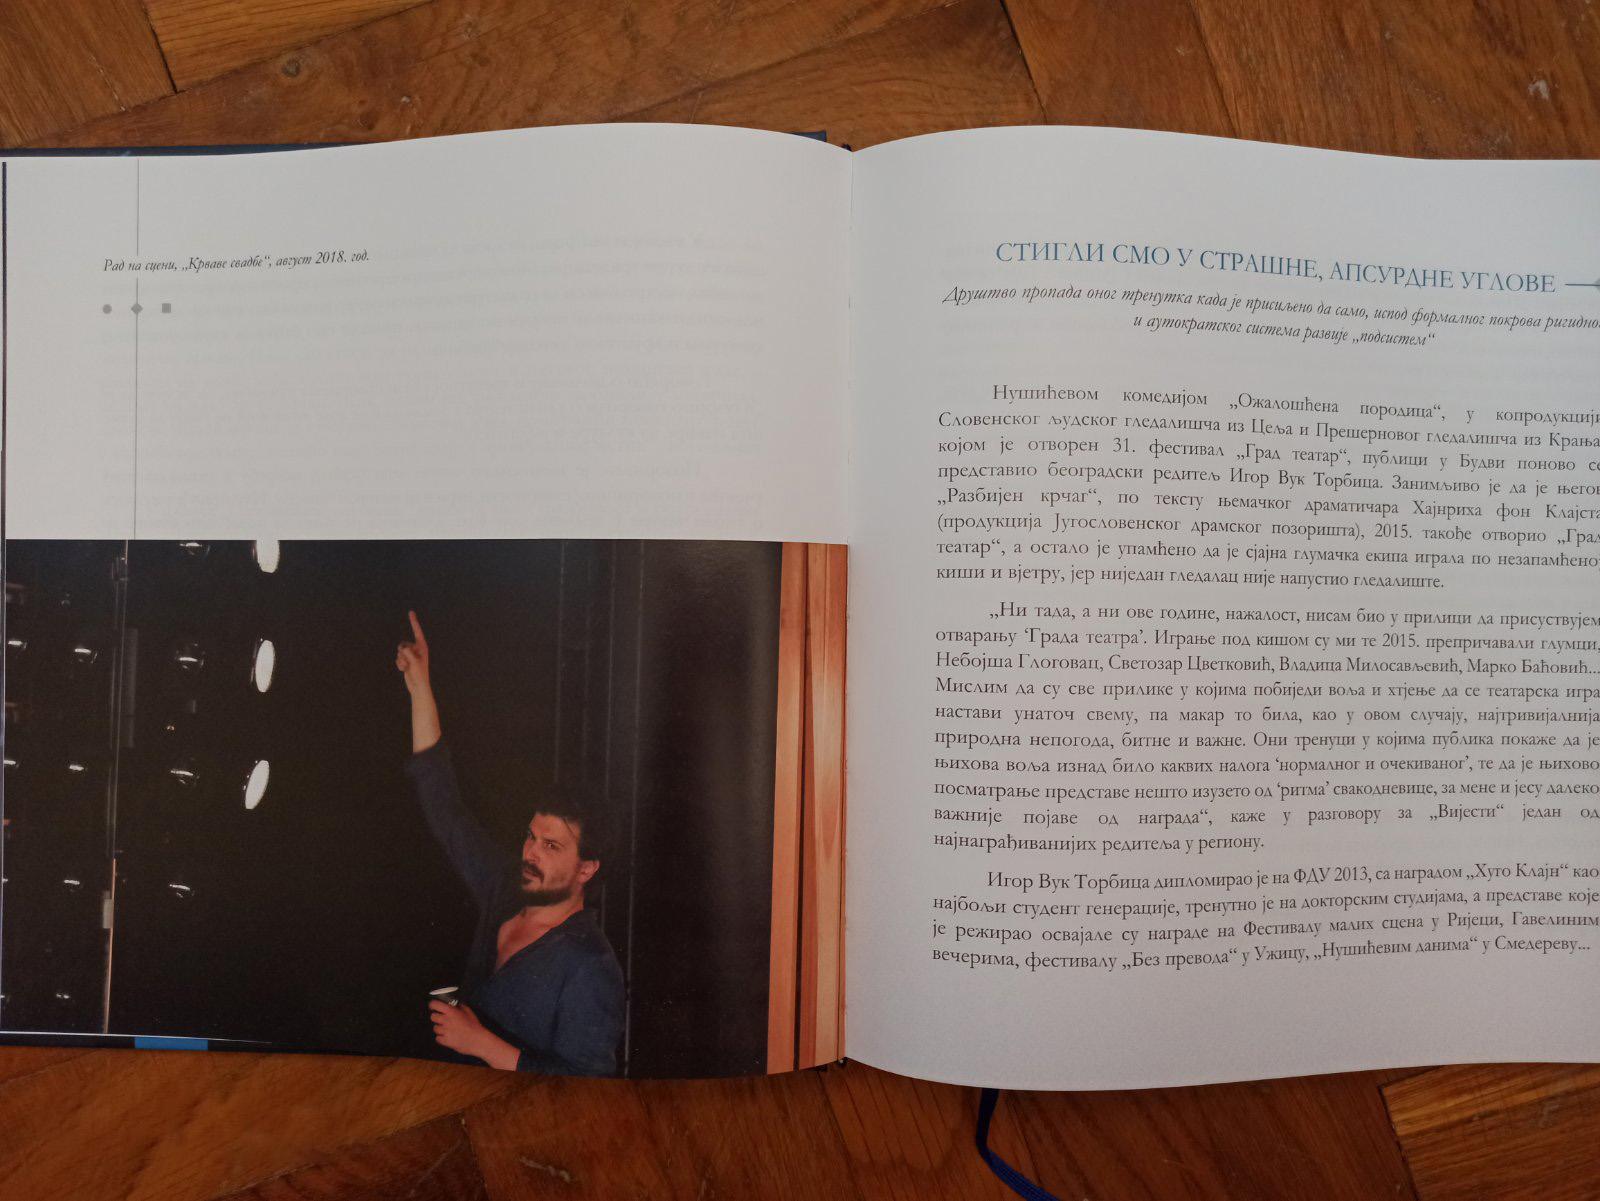 Monografija Glas vrline - Igor Vuk Torbica